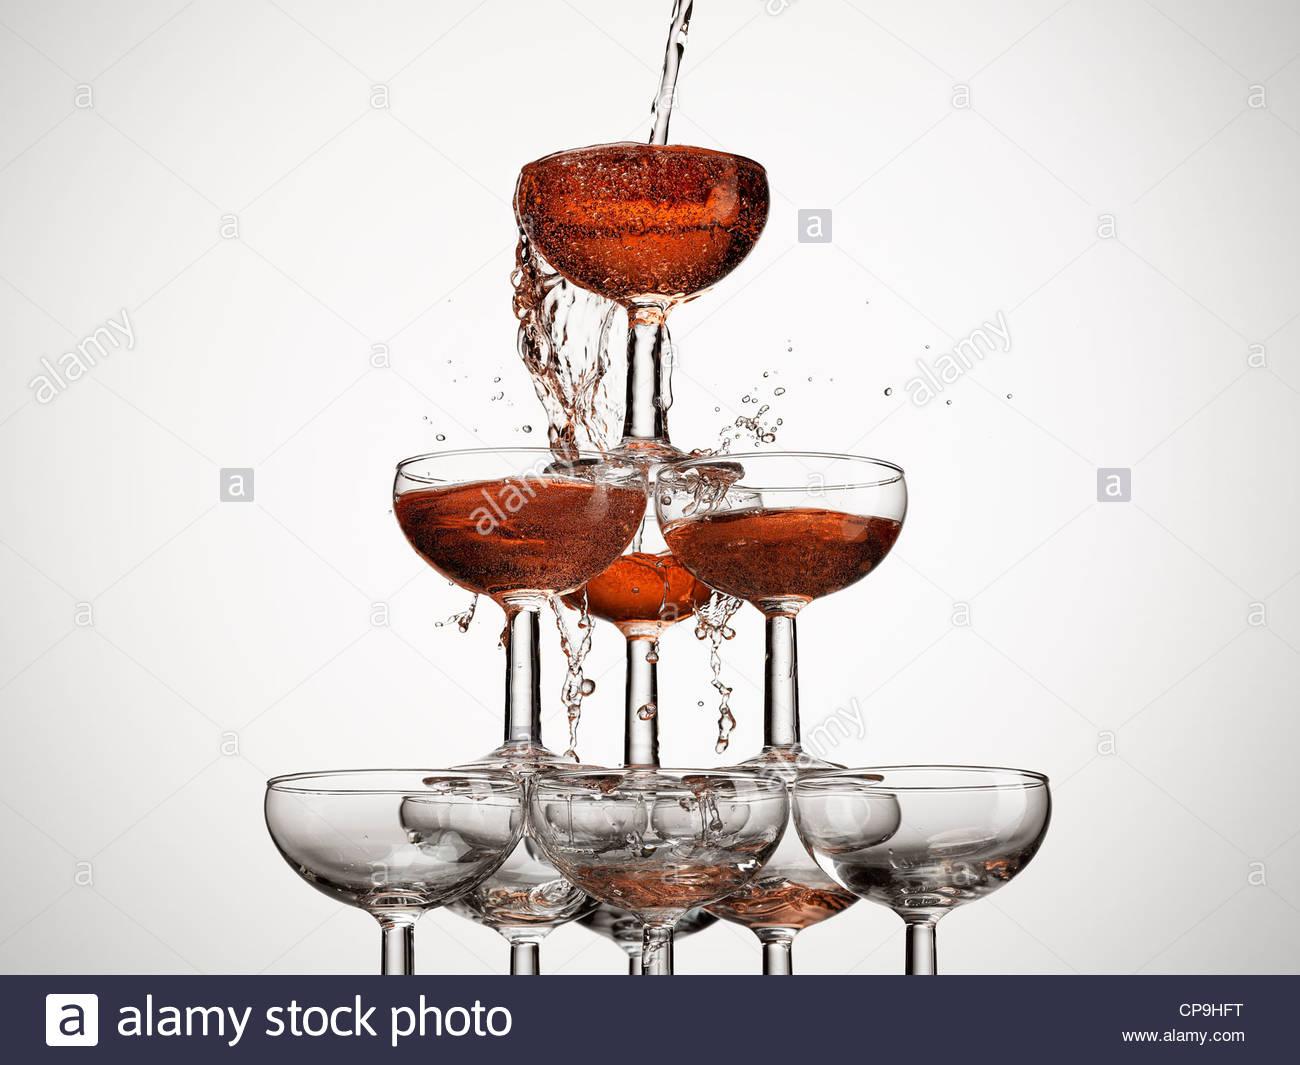 Abundancia,previsión,aspiración,inicios,burbuja,fiesta,vaso de champán,color image,concepto,exceso,llenado,comida Imagen De Stock